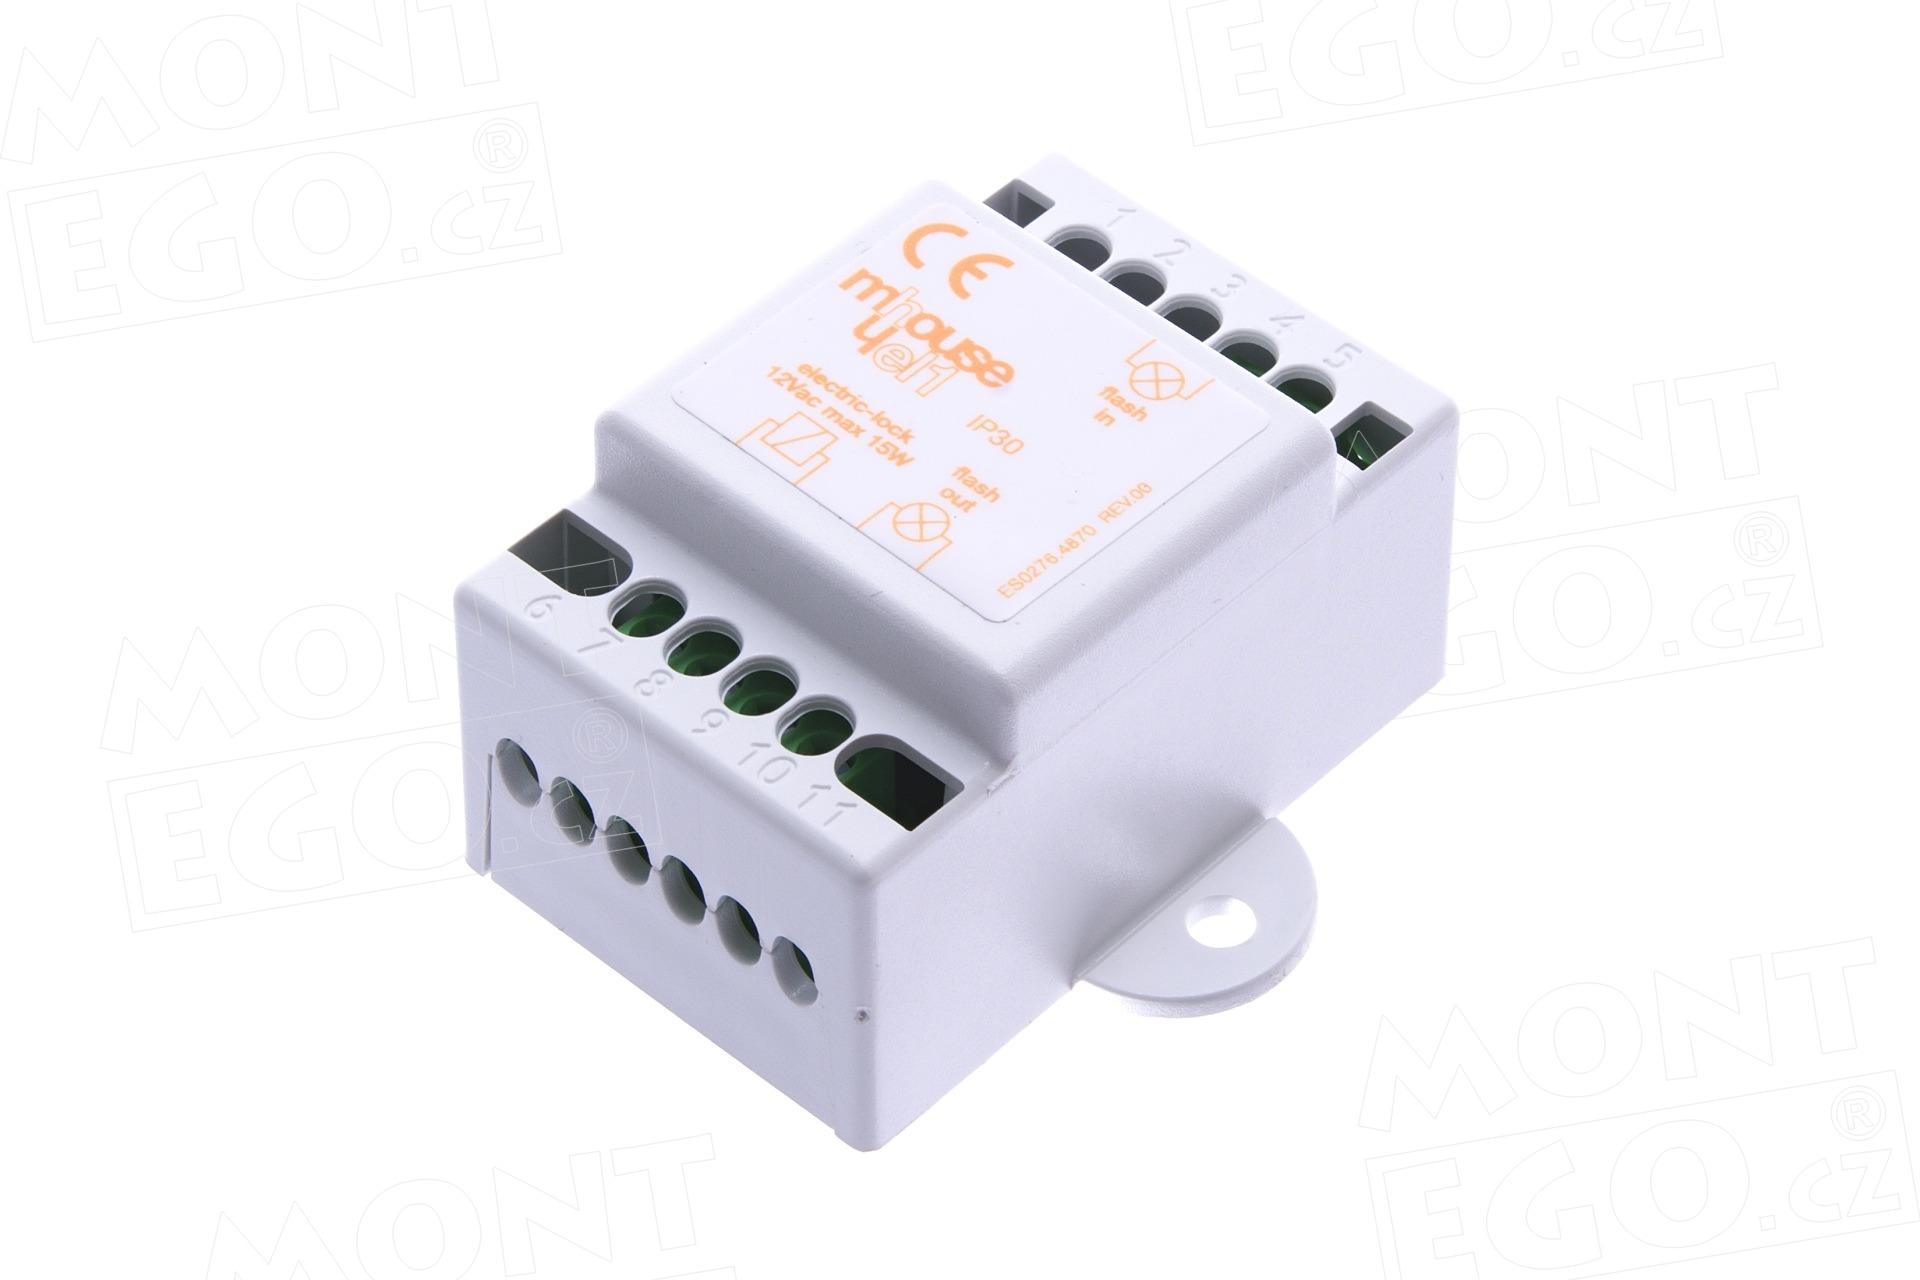 EL1 elektronika pro elektrozámek křídlových bran s pohony Mhouse